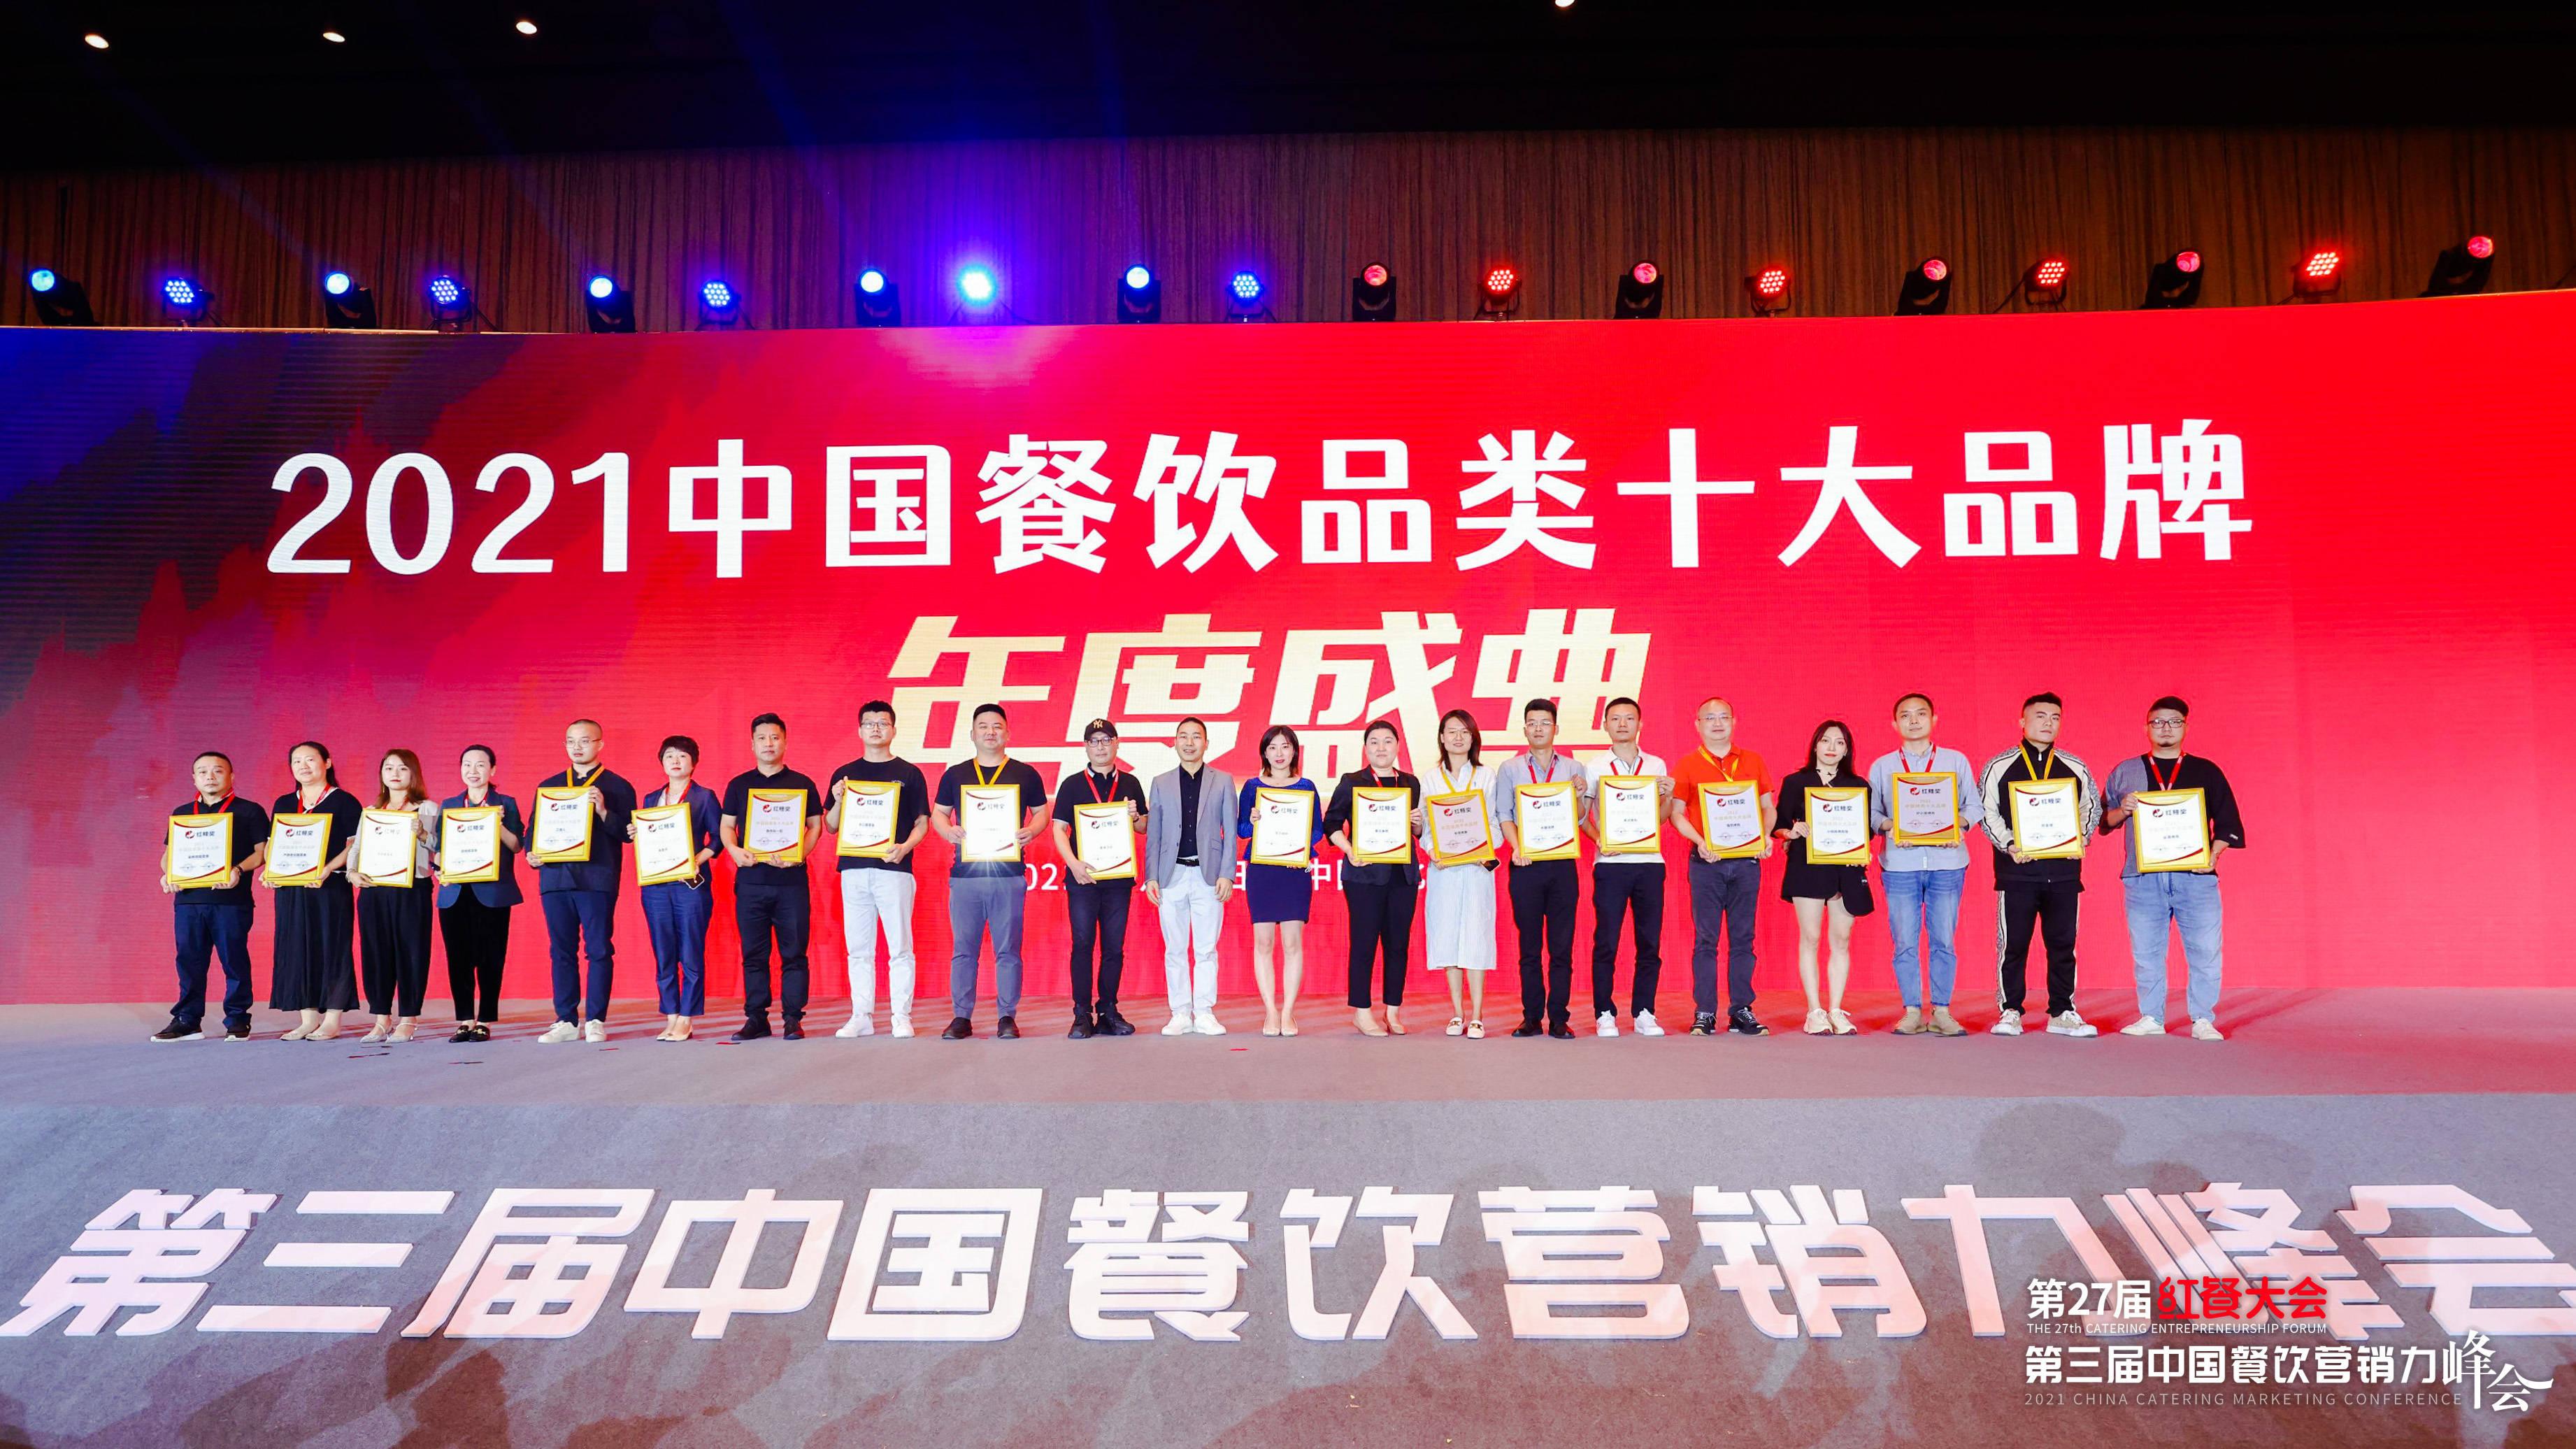 """蝉联三届,鱼你在一起酸菜鱼再次斩获""""中国酸菜鱼十大品牌""""奖项"""